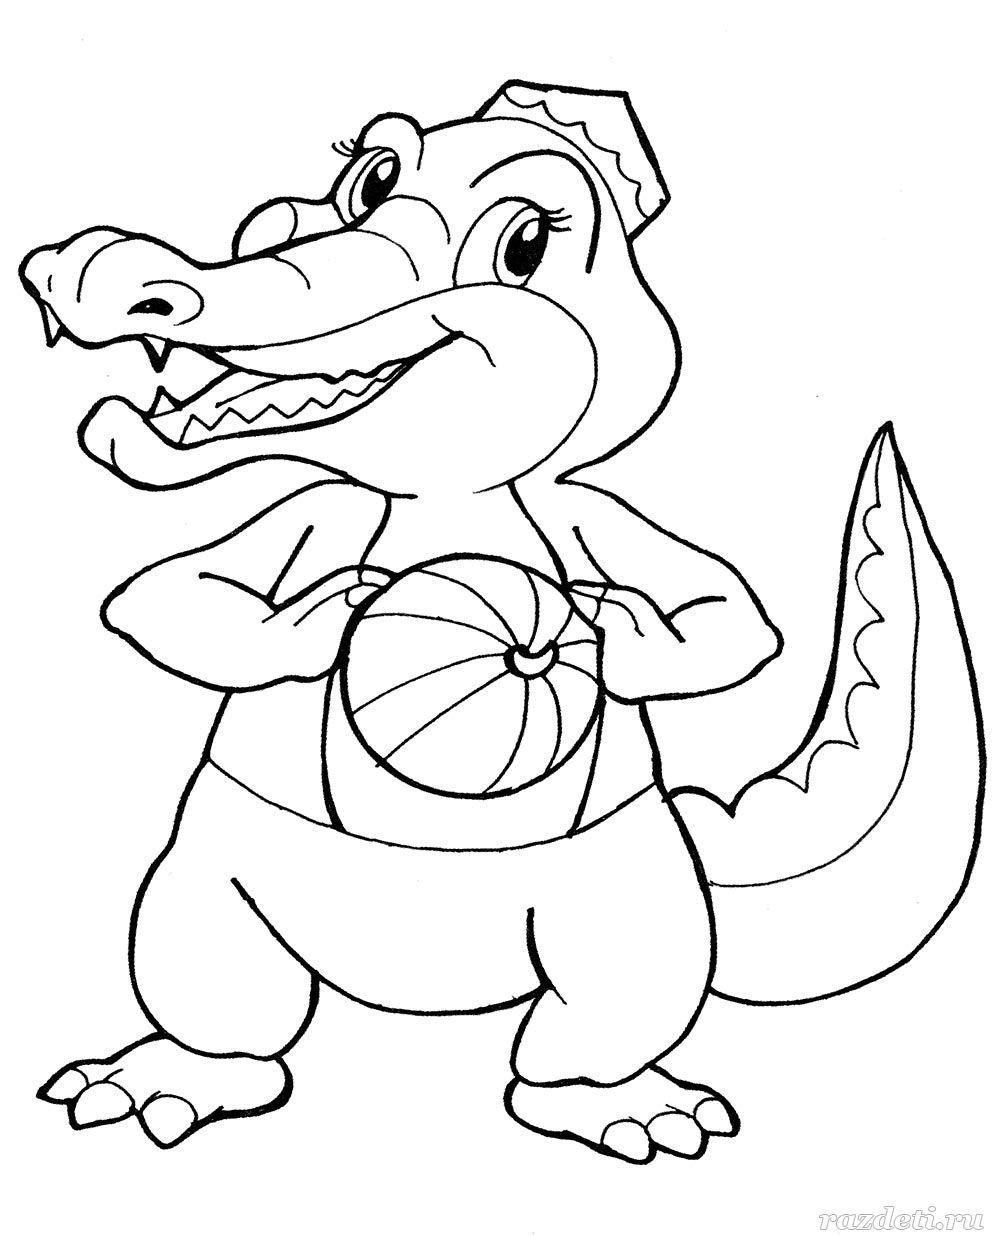 Картинки животных для раскраски черно белые крокодил